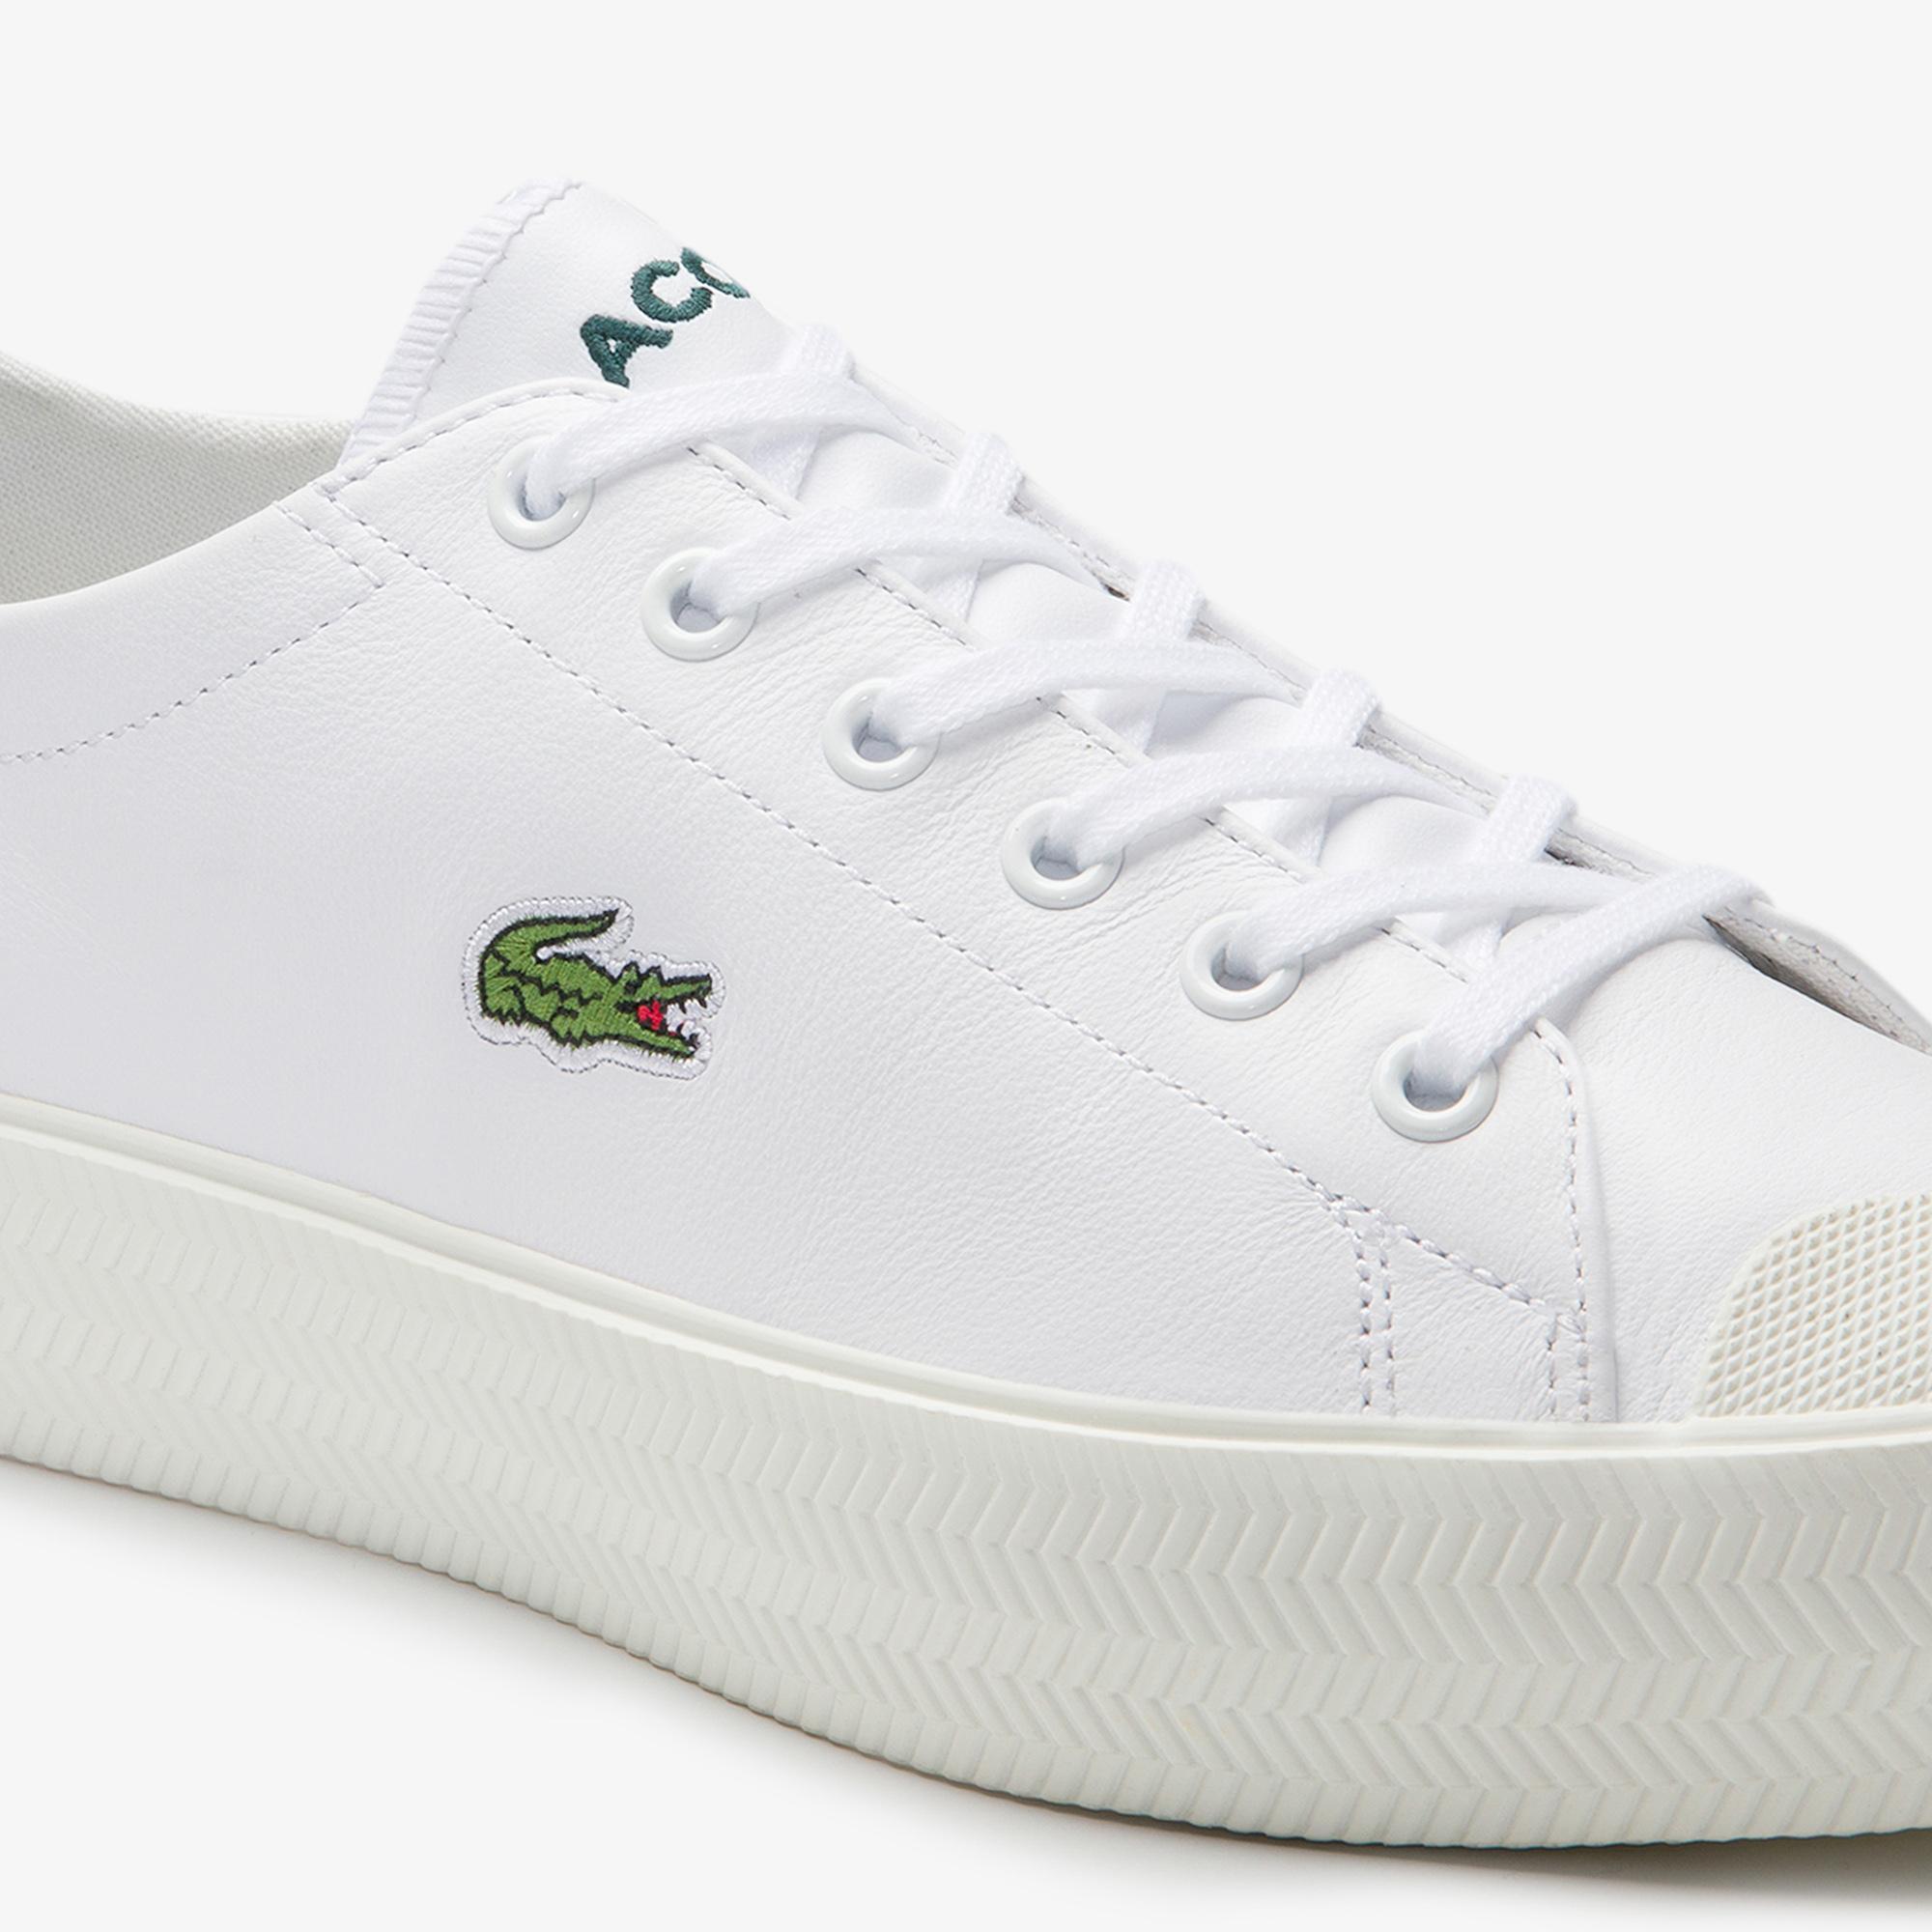 Lacoste Women's Grıpshot 0120 1 Cfa Shoes